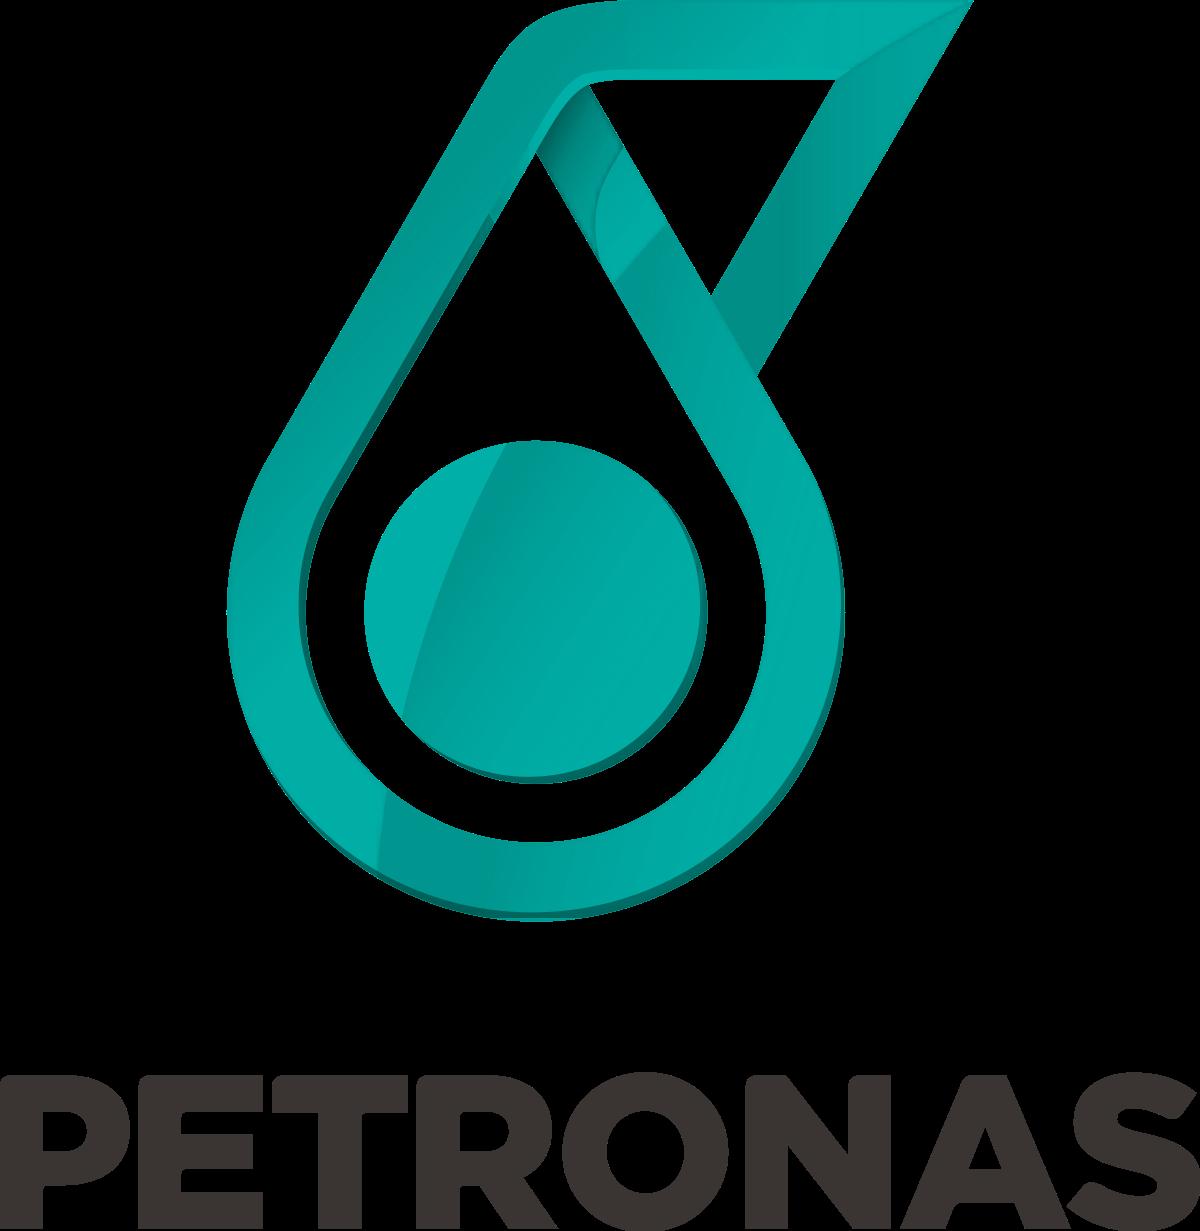 Foggy Petronas